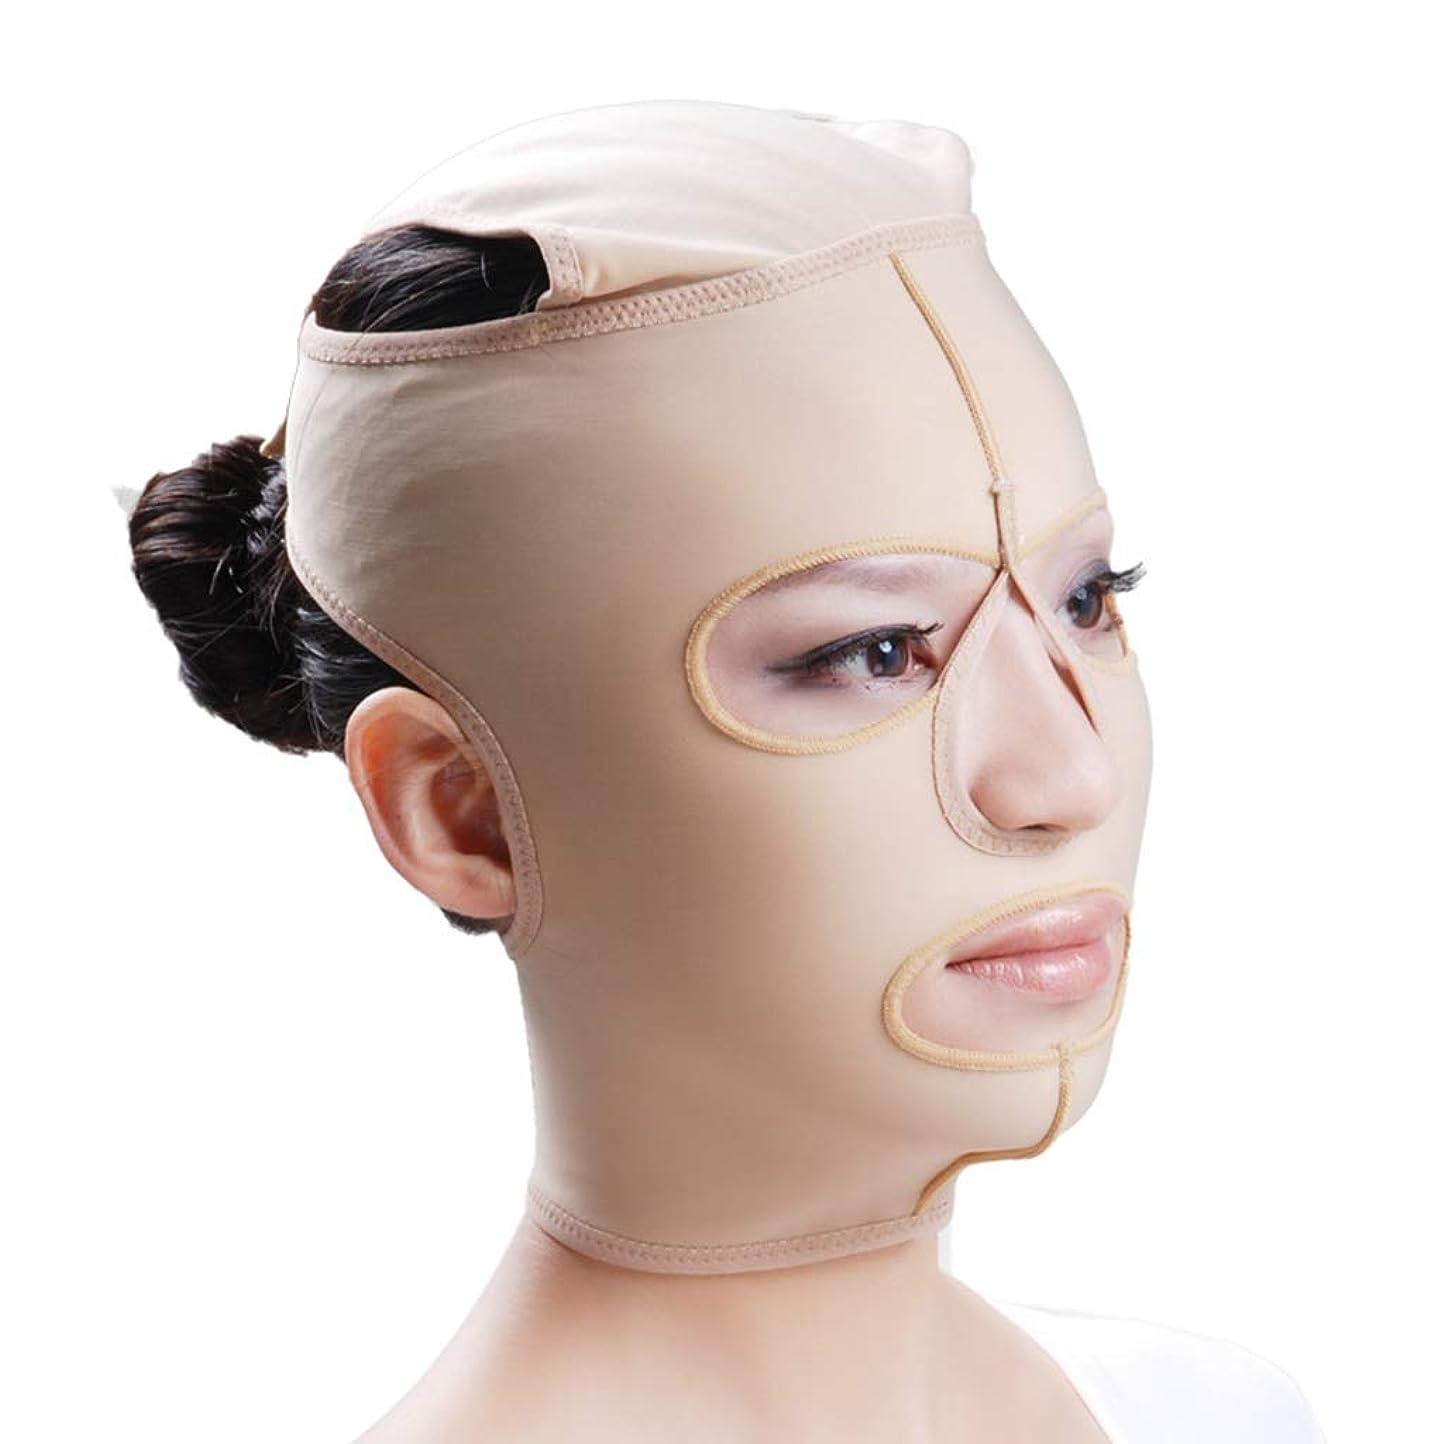 なだめる社説致命的なXHLMRMJ フェイスリフトマスク、フルフェイスマスク医療グレード圧力フェイスダブルチンプラスチック脂肪吸引術弾性包帯ヘッドギア後の顔の脂肪吸引術 (Size : M)